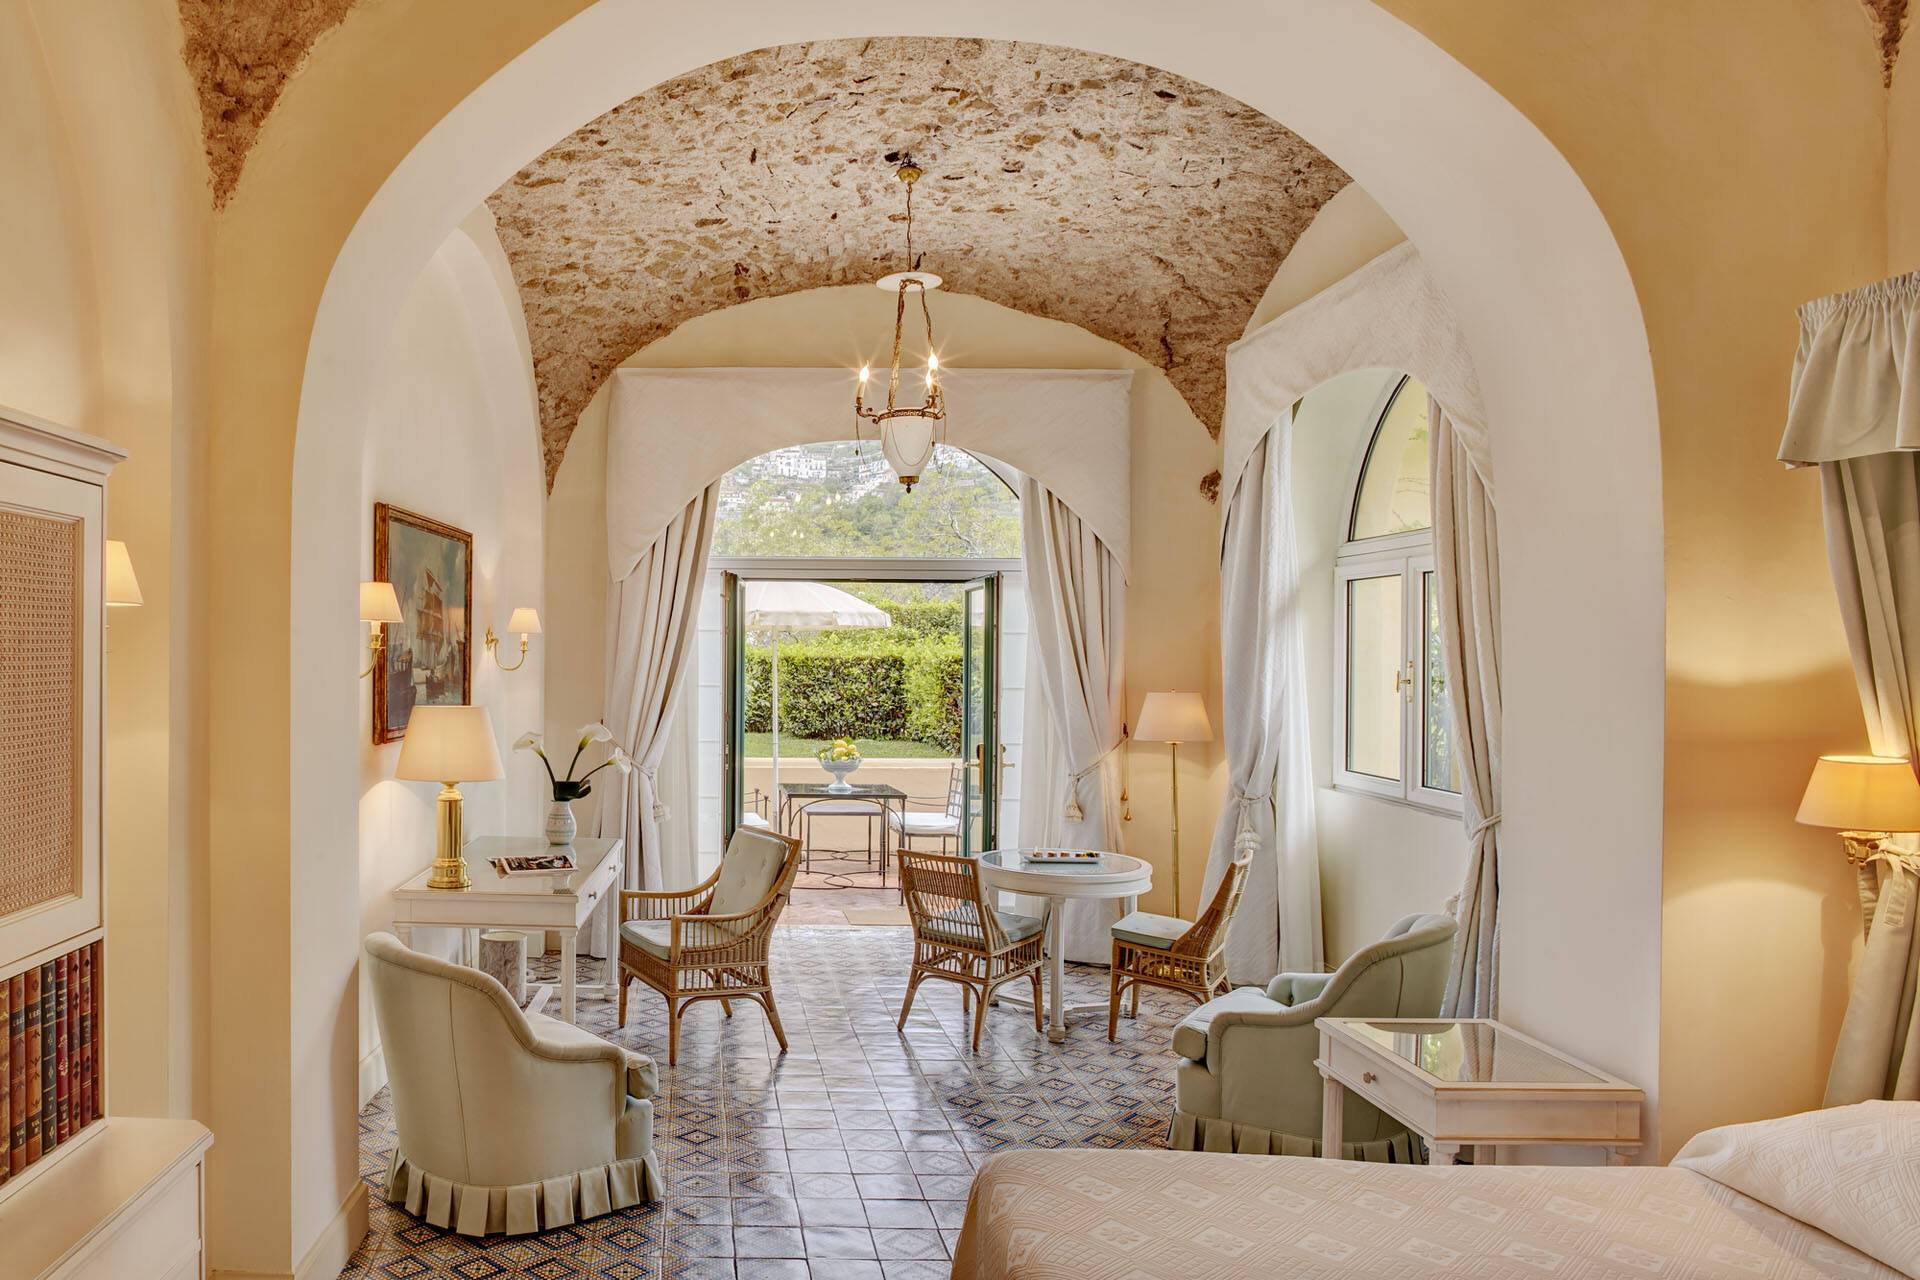 Belmond Caruso Ravello Village View Room